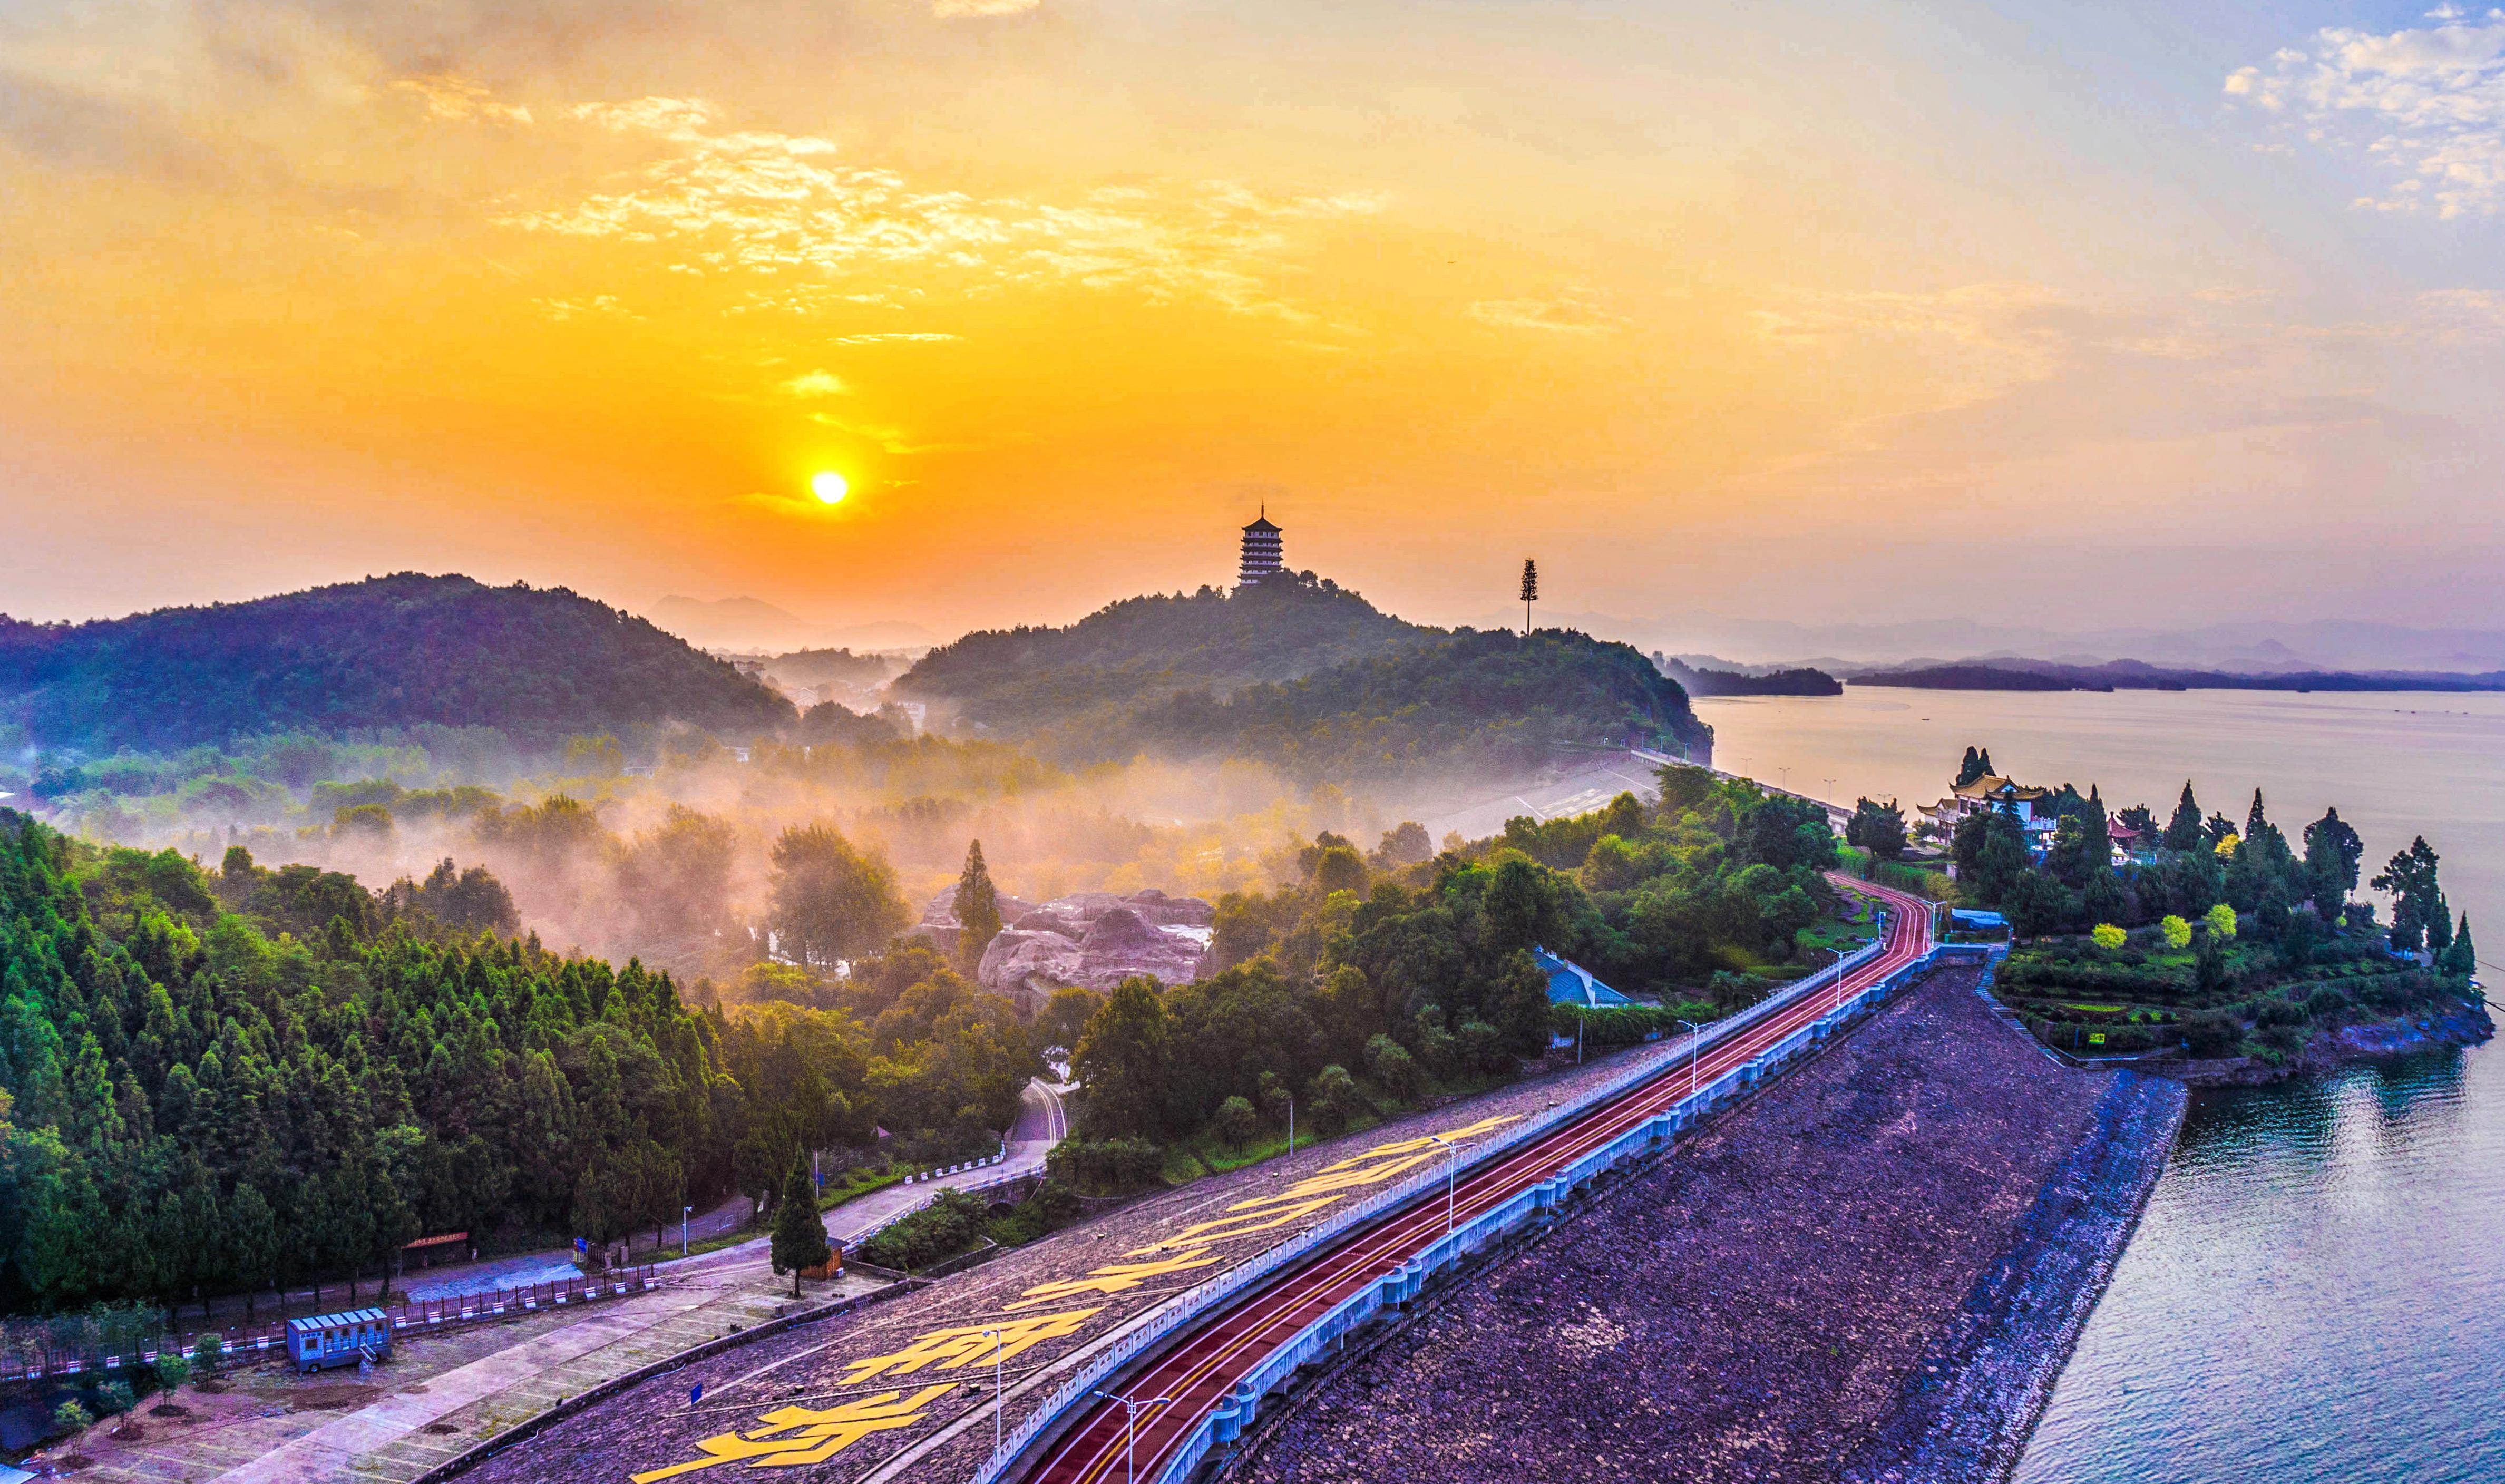 图2 国家级水利风景区——安徽舒城县万佛湖.jpg